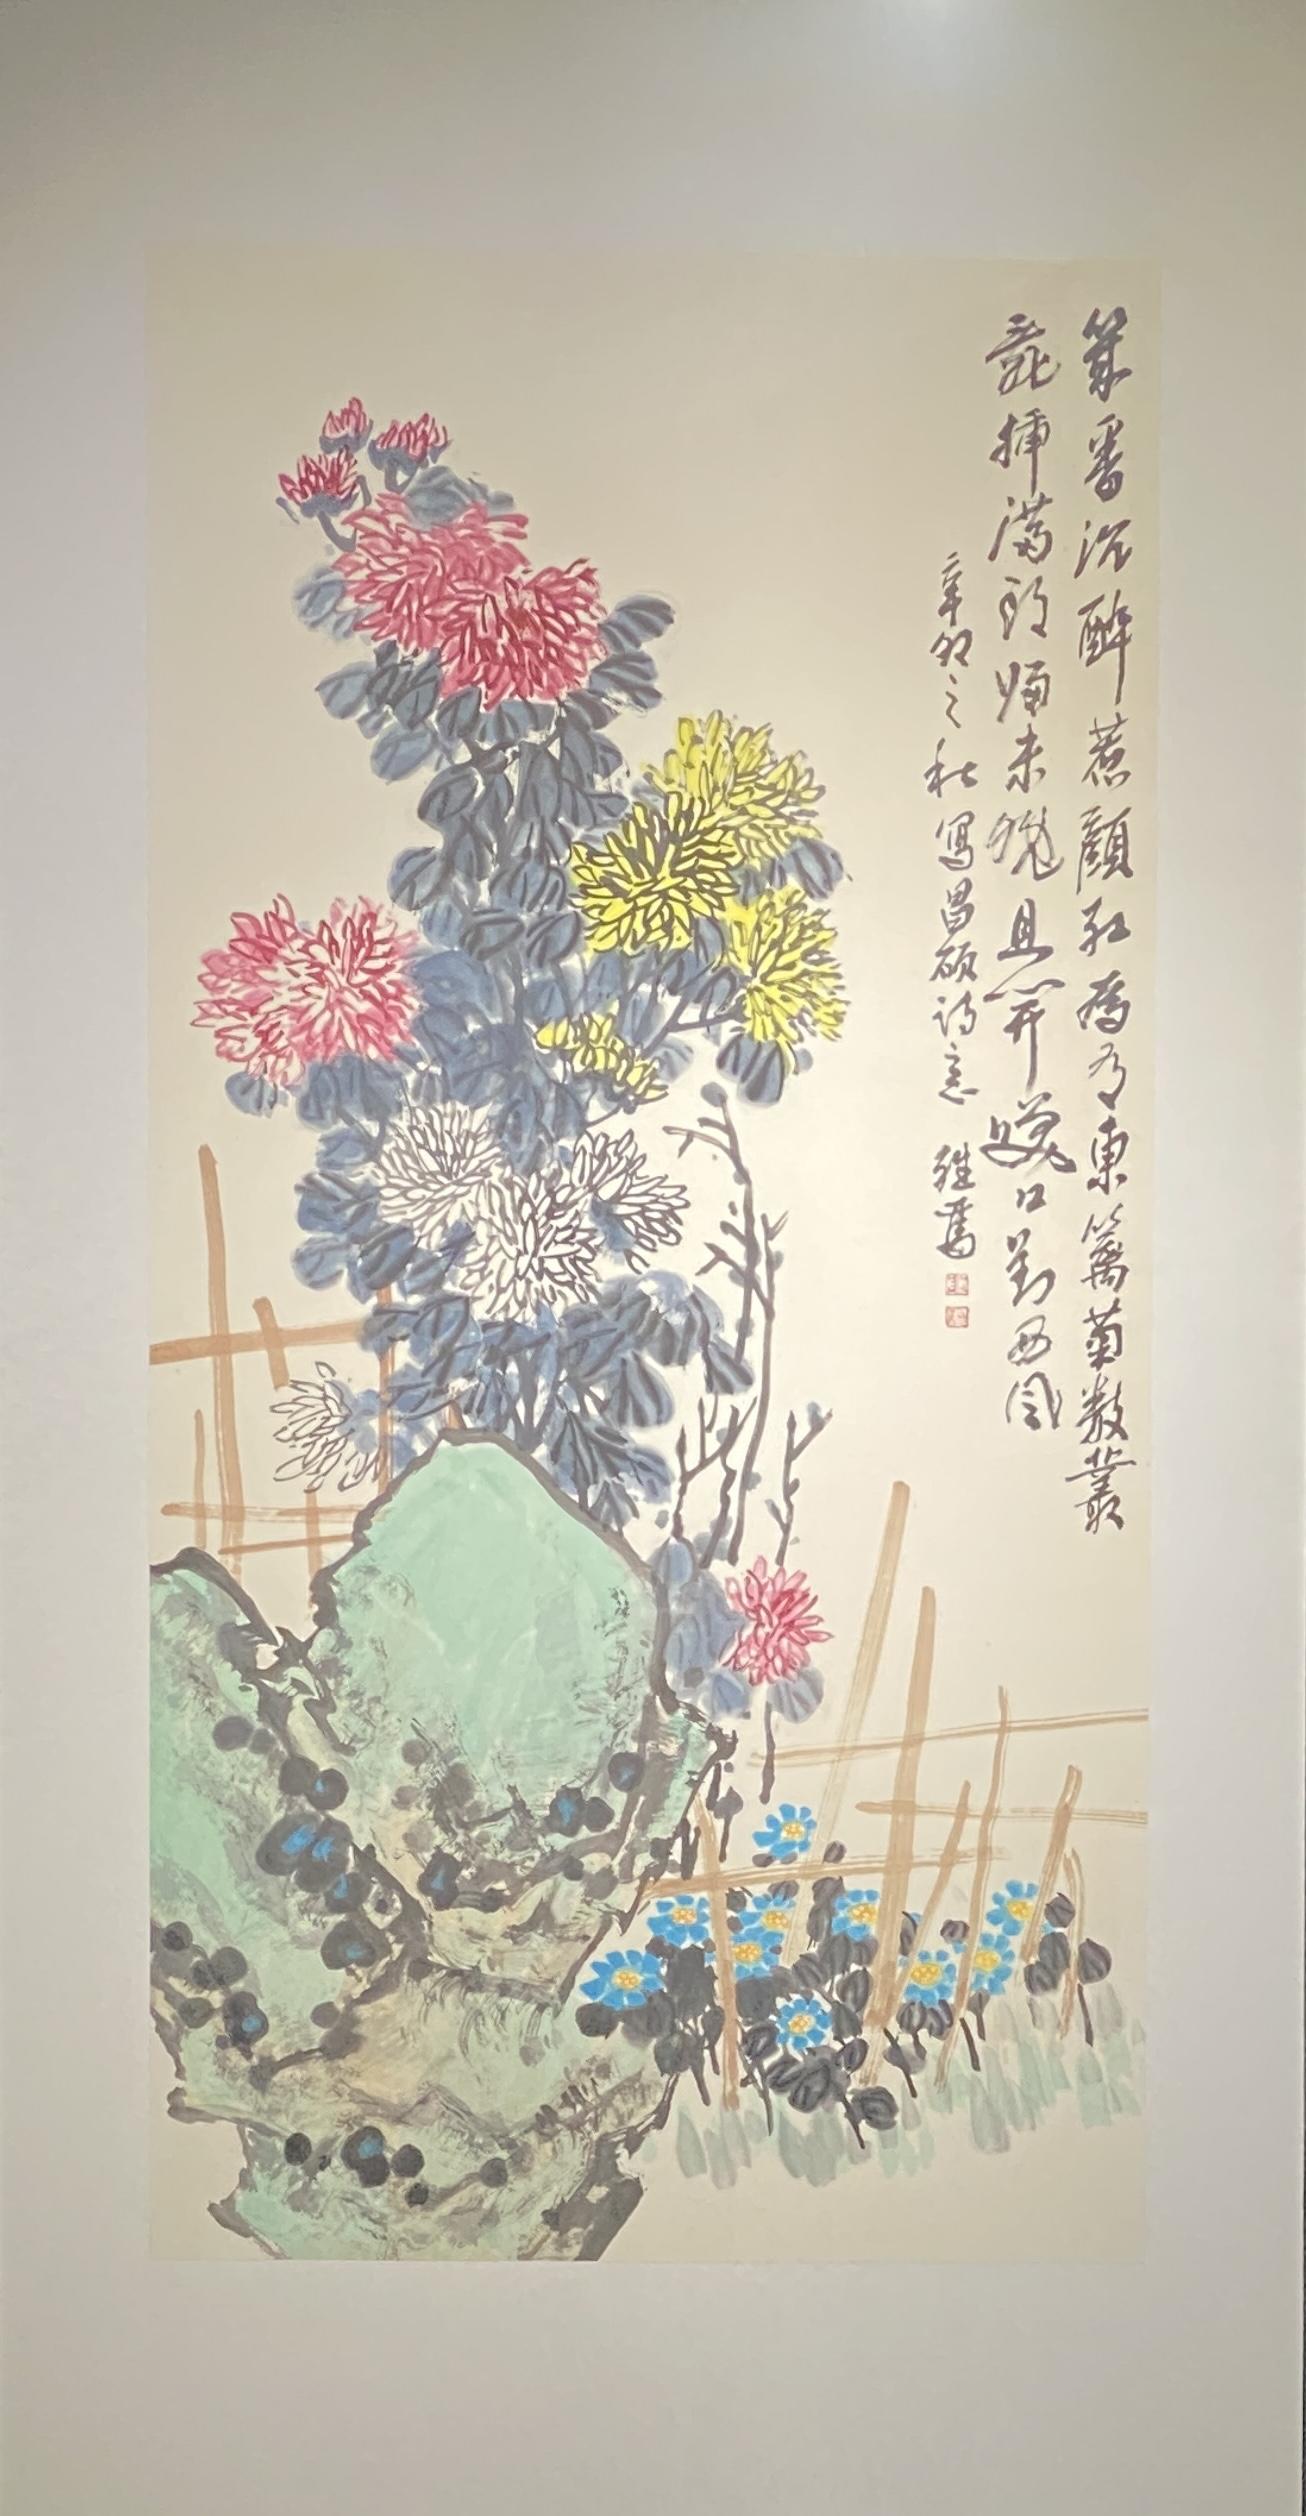 秋菊-2011-中国画-137×69cm-「丹青を振りかけ、詩情を送る-何継篤個人書画展」成都市美術館